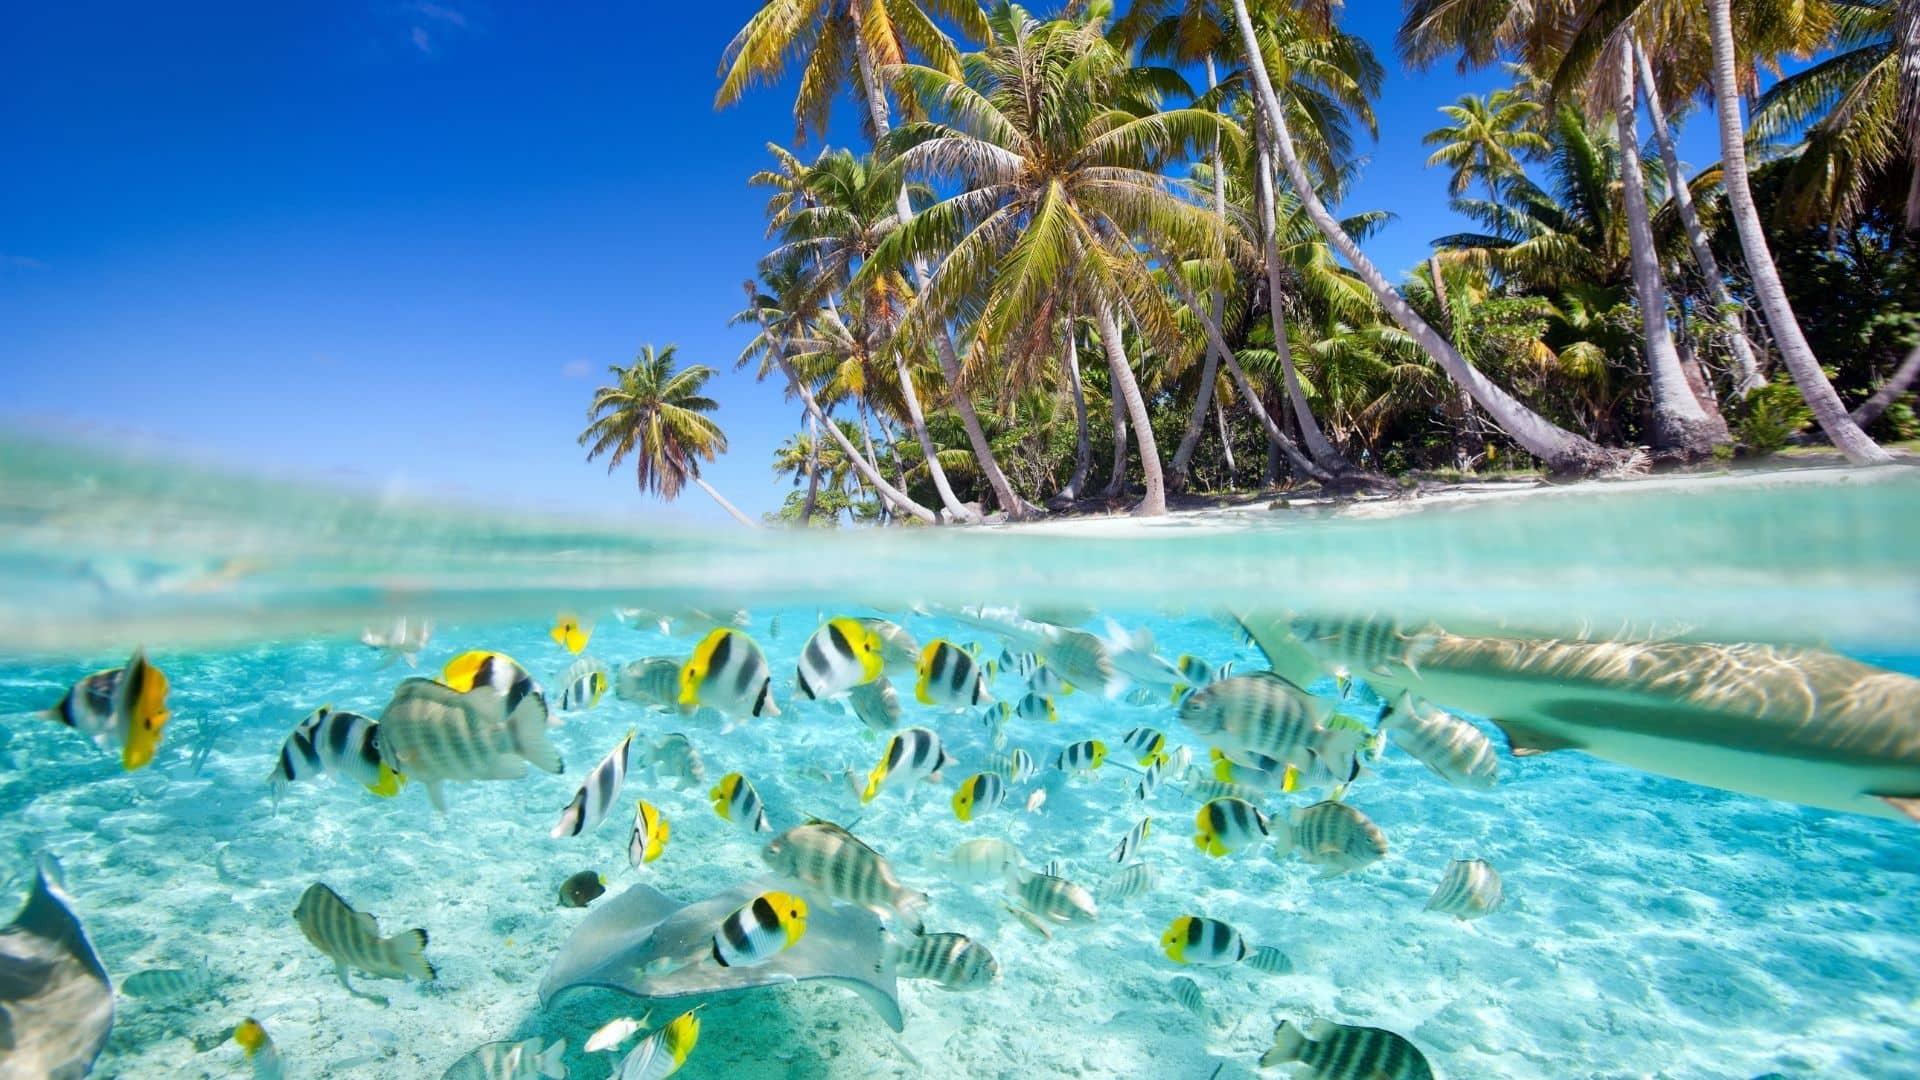 vemn a disfrutar de las mejores playas de Asia en tu viaje a Maldivas